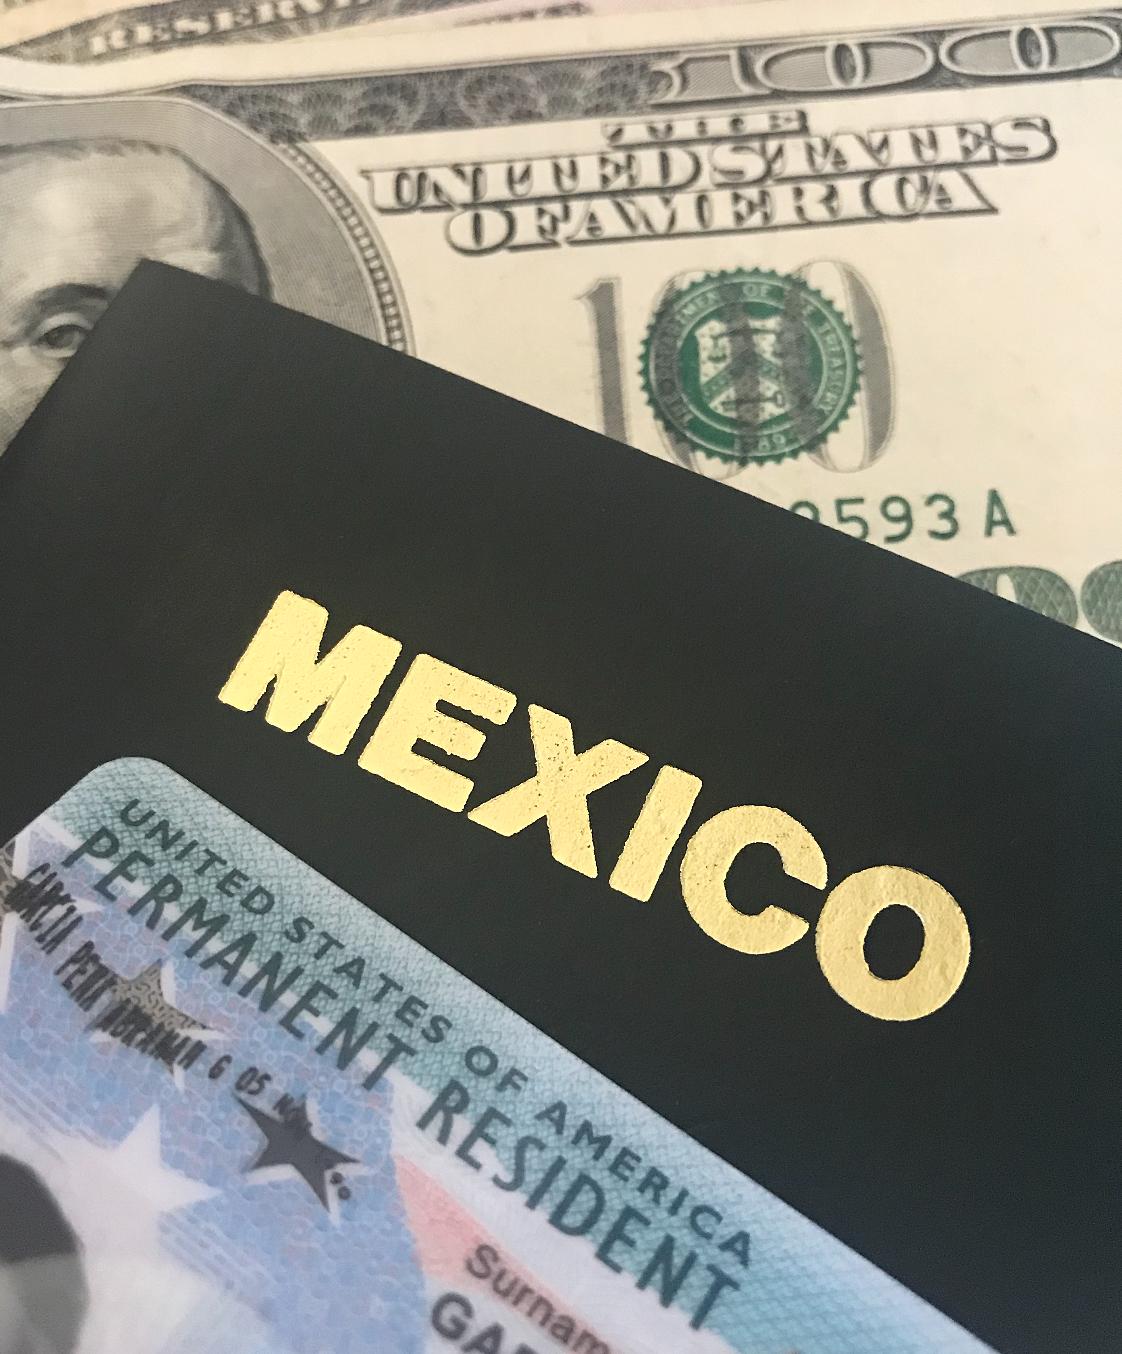 ¿Cuánto cuesta la residencia permanente/Green Card?   Abogado de inmigración   Tijuana   IVX Inmigración y Visas